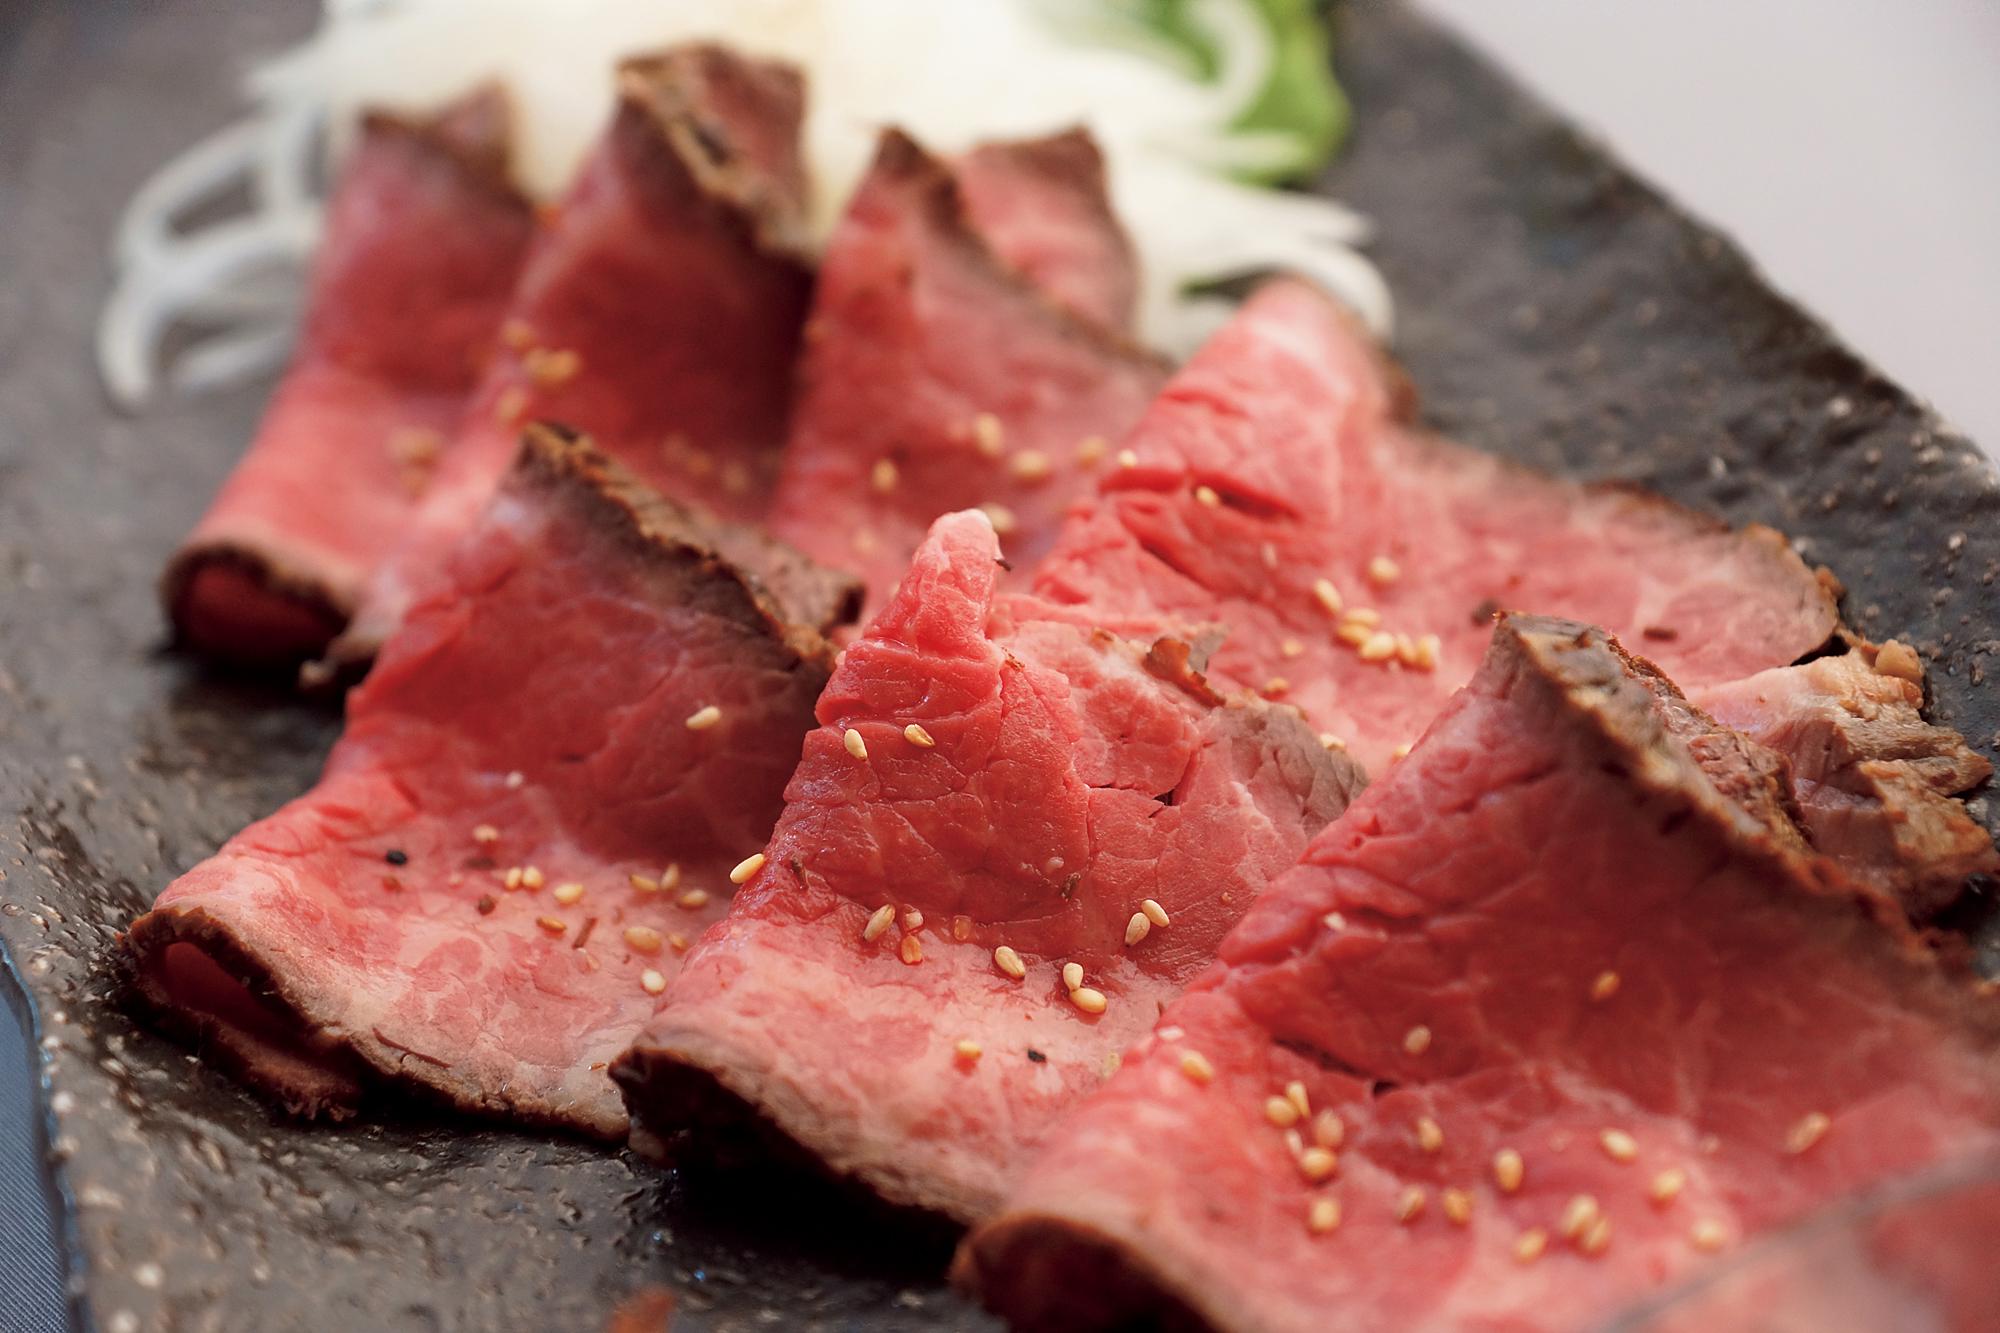 あなたはどれが好き?絶品のローストビーフとソースレシピまとめのサムネイル画像